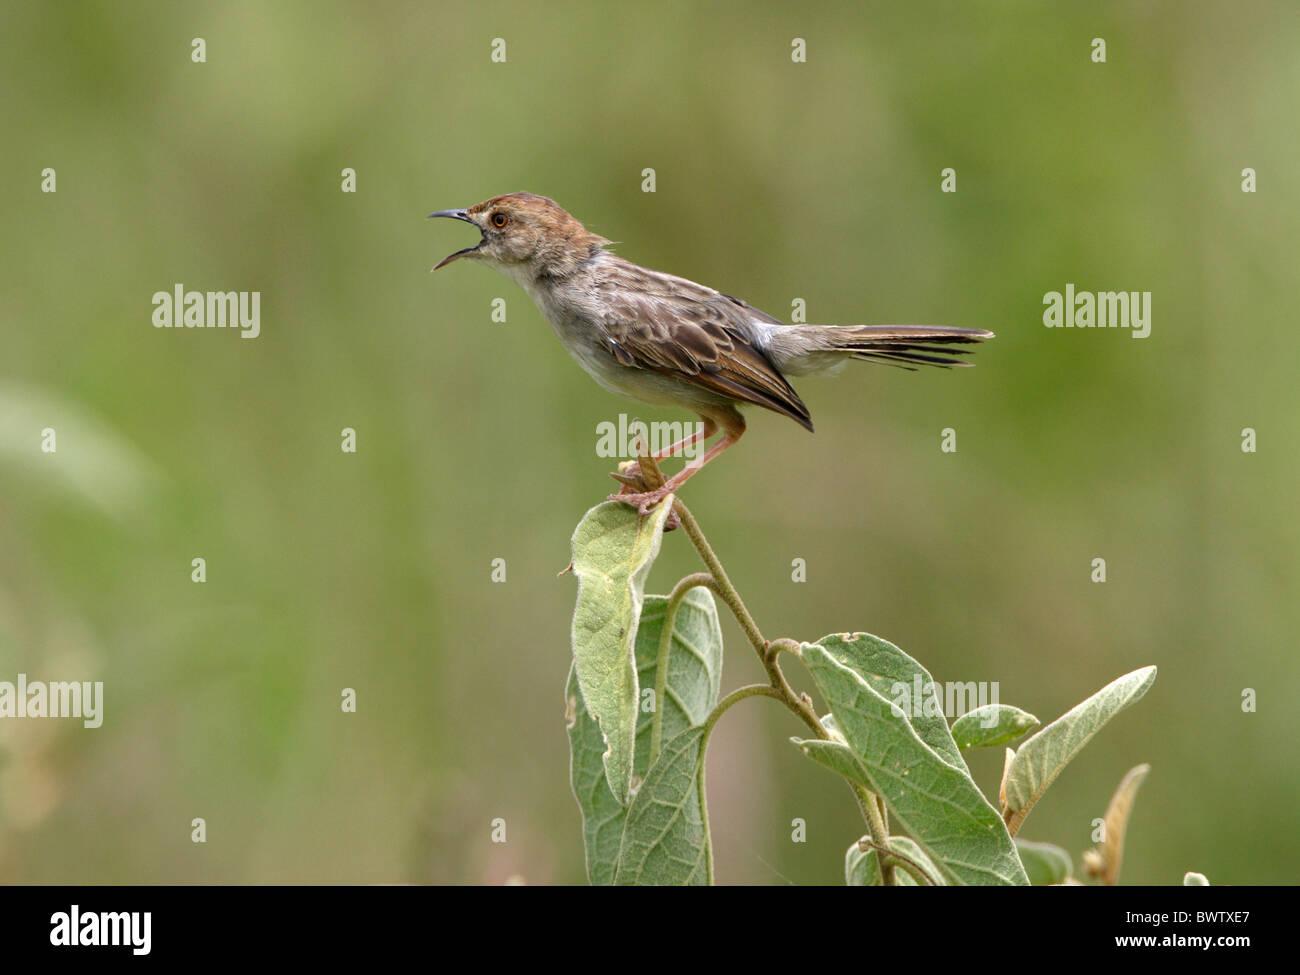 Rattling Cisticola (Cisticola chiniana) adult, singing, perched in bush, Lake Naivasha, Kenya, october - Stock Image